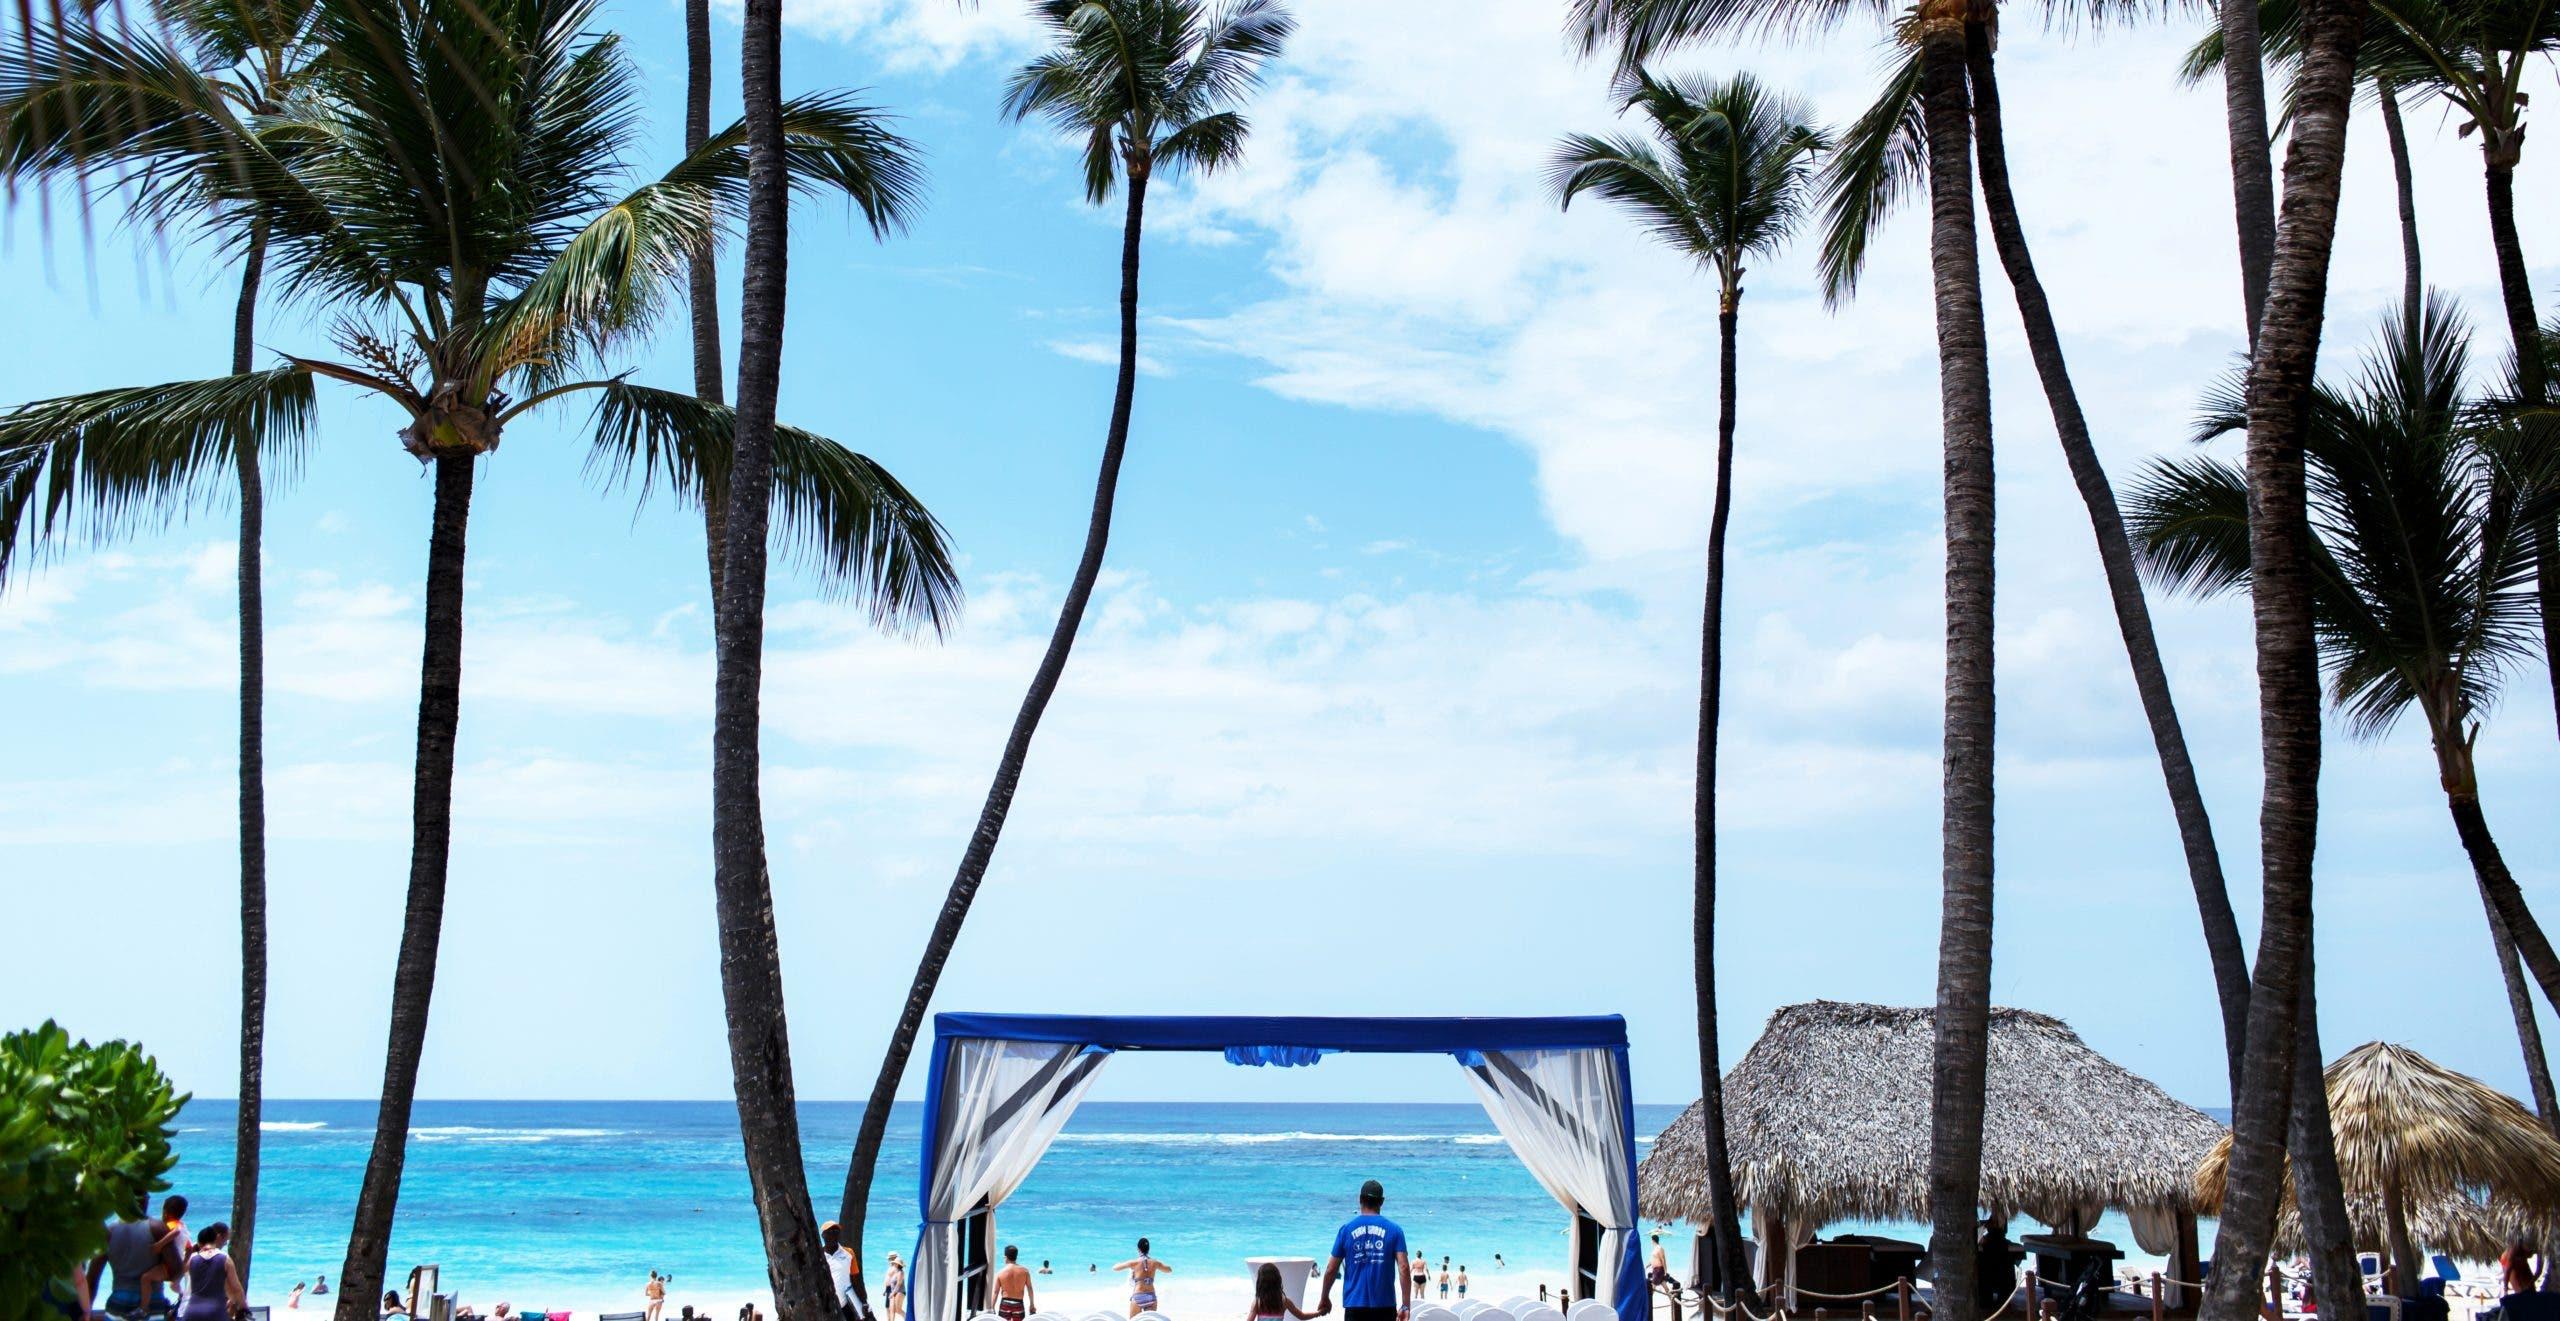 Bancos otorgan créditos al sector turismo por RD$1,397 millones en primer trimestre